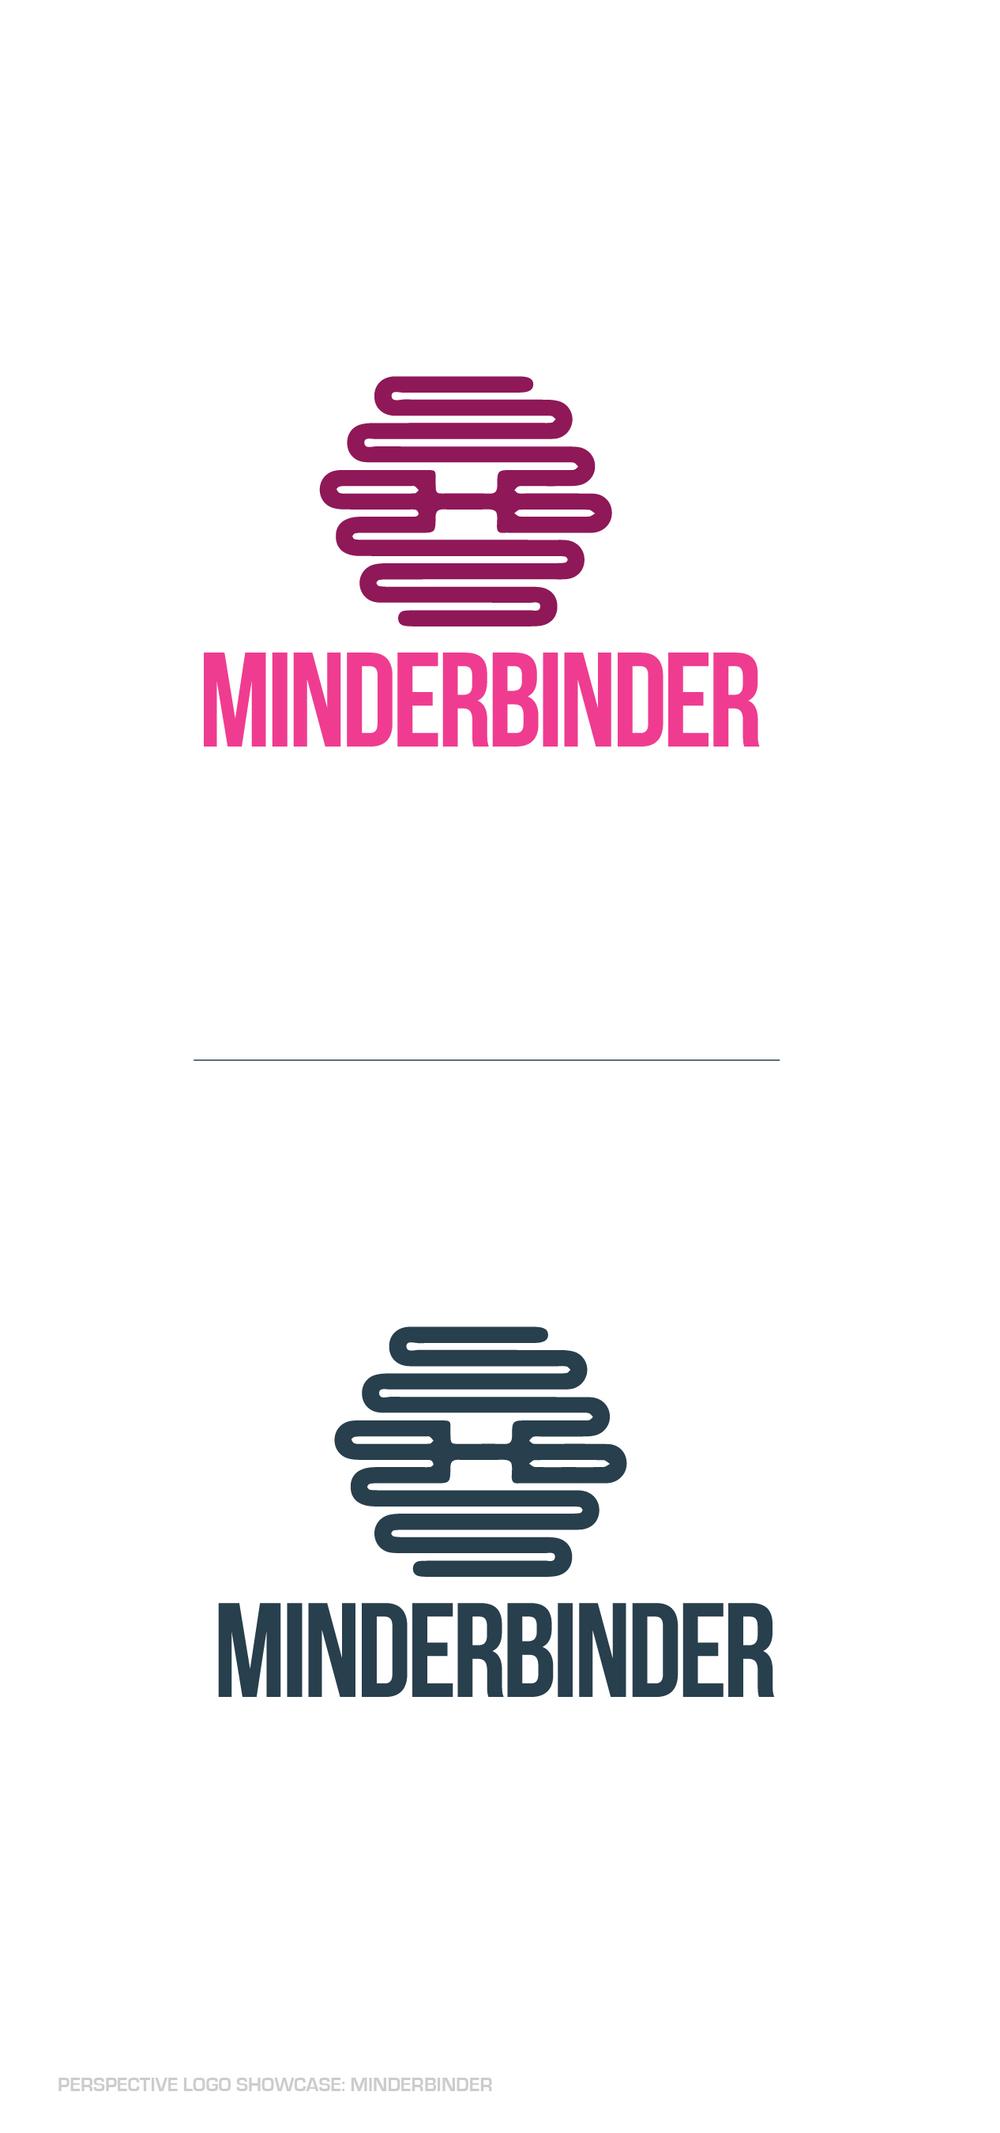 minder_binder_finals-09.jpg